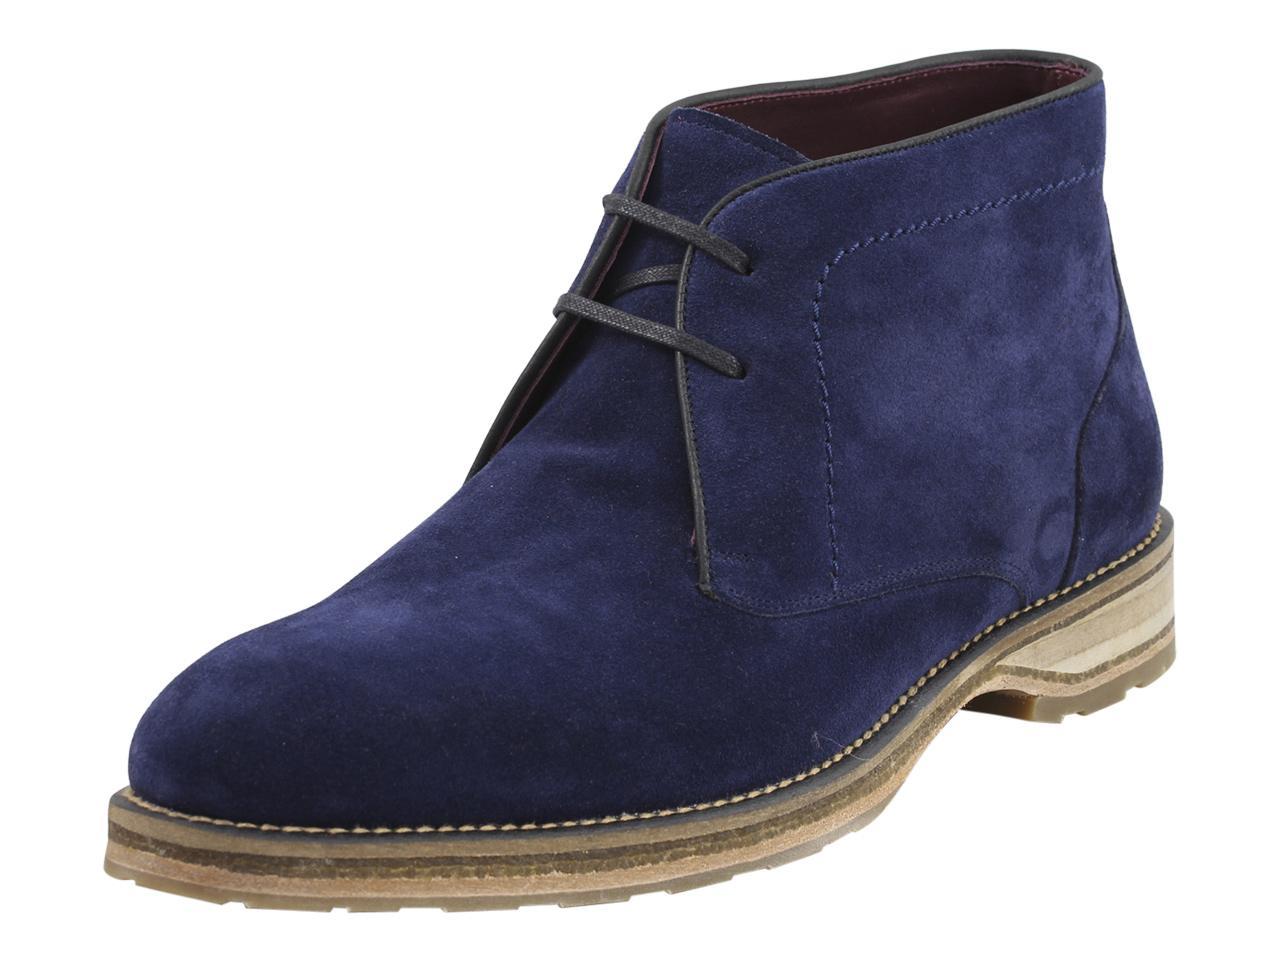 Image of Mezlan Men's Dalias Chukka Boots Shoes - Blue - 10 D(M) US